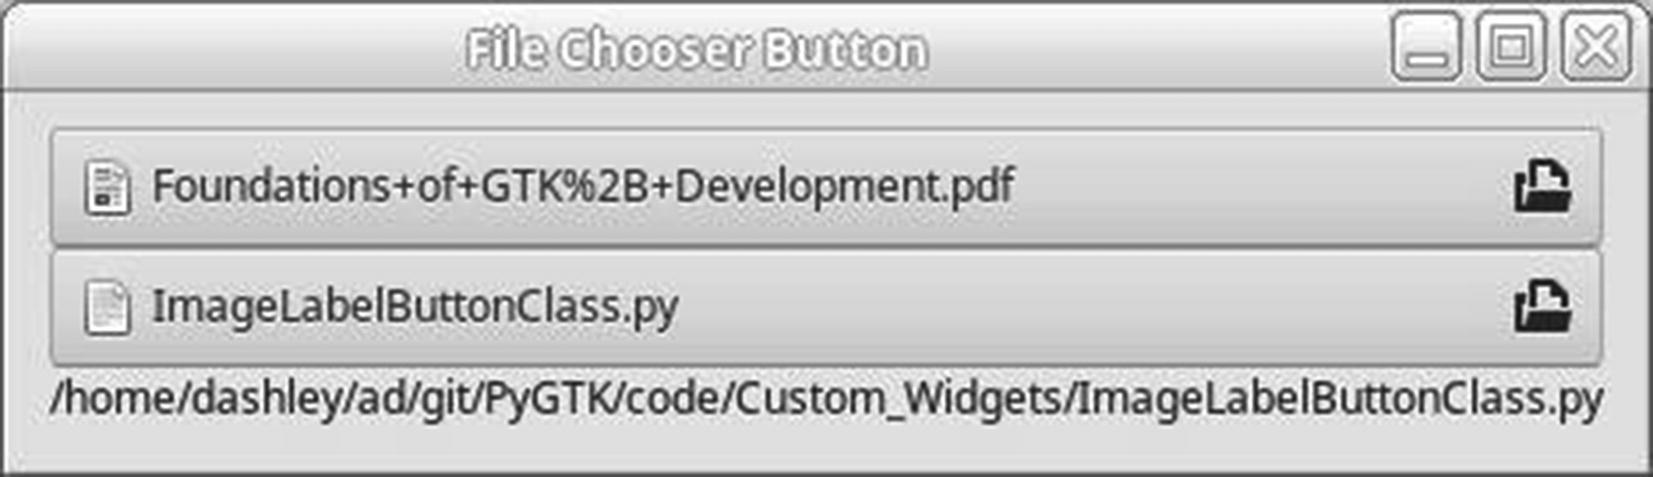 Basic Widgets Springerlink